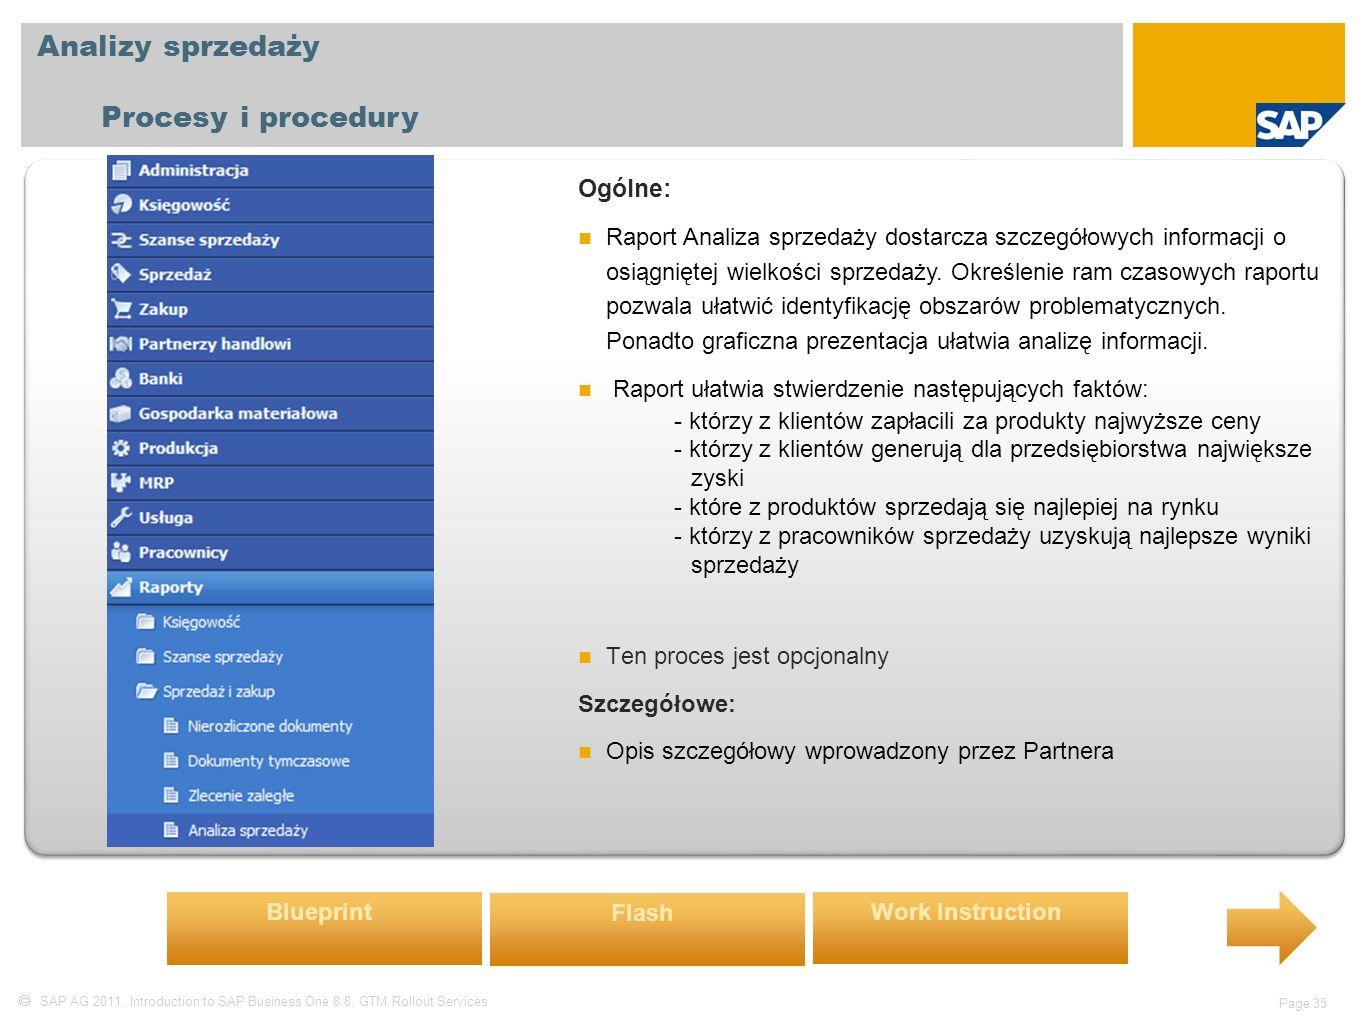  SAP AG 2011, Introduction to SAP Business One 8.8, GTM Rollout Services Page 35 Analizy sprzedaży Procesy i procedury Ogólne: Raport Analiza sprzedaży dostarcza szczegółowych informacji o osiągniętej wielkości sprzedaży.